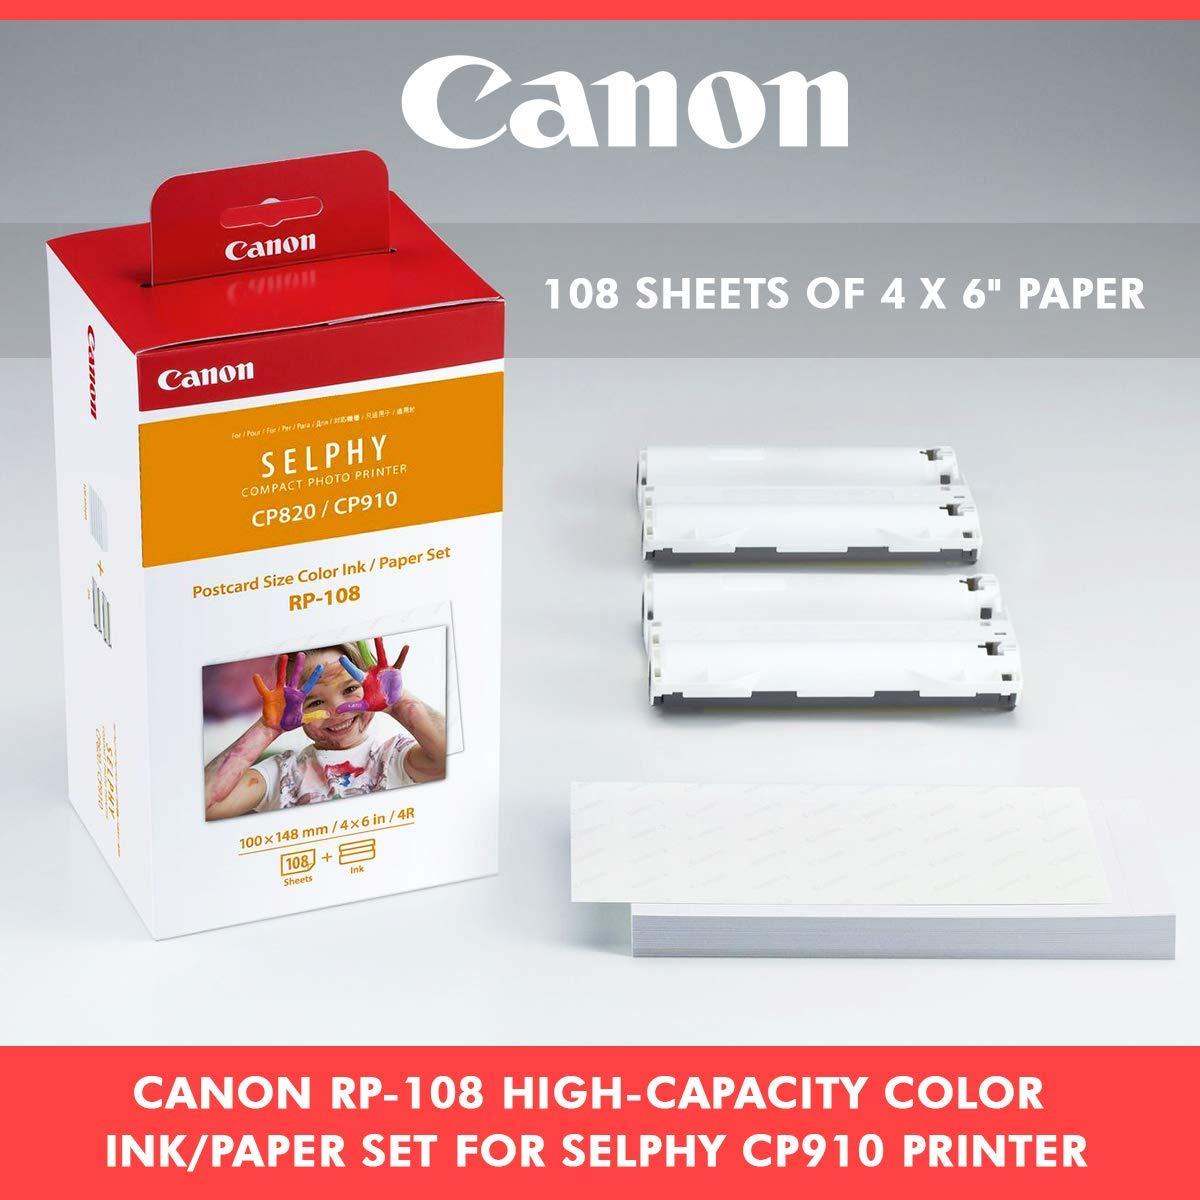 Amazon.com: Canon RP-108 - Juego de tinta/papel para ...